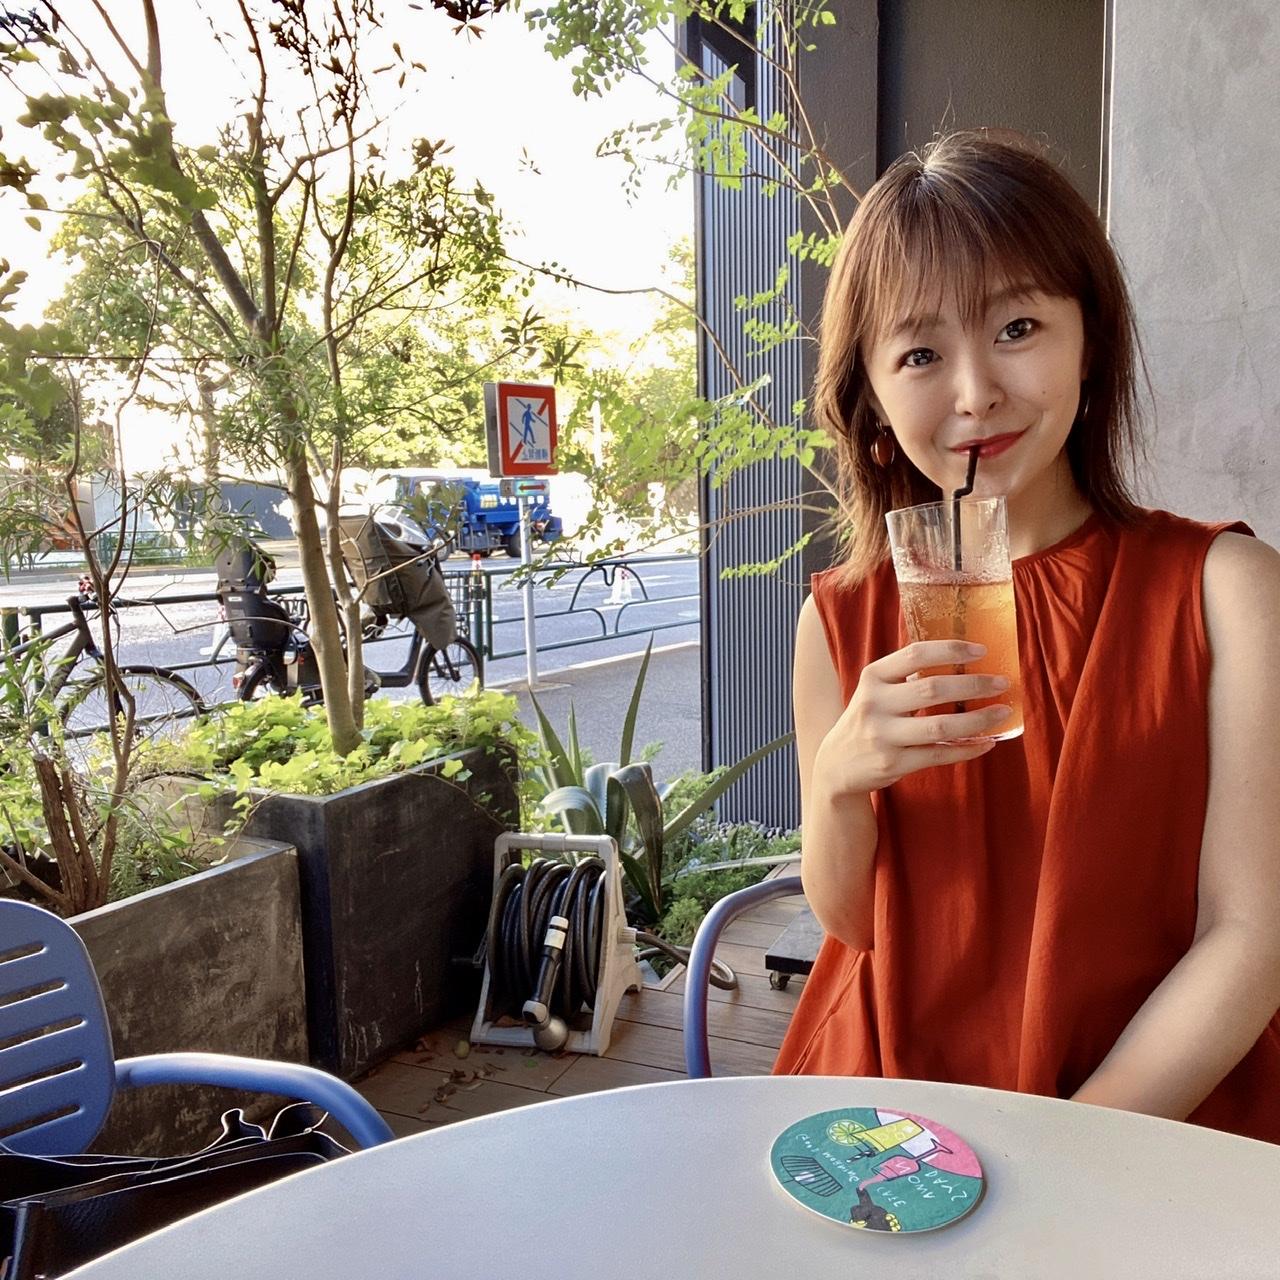 【東京カフェ】朝活におすすめ!平日7時〜8時限定で《モーニングプレート》900円★_6